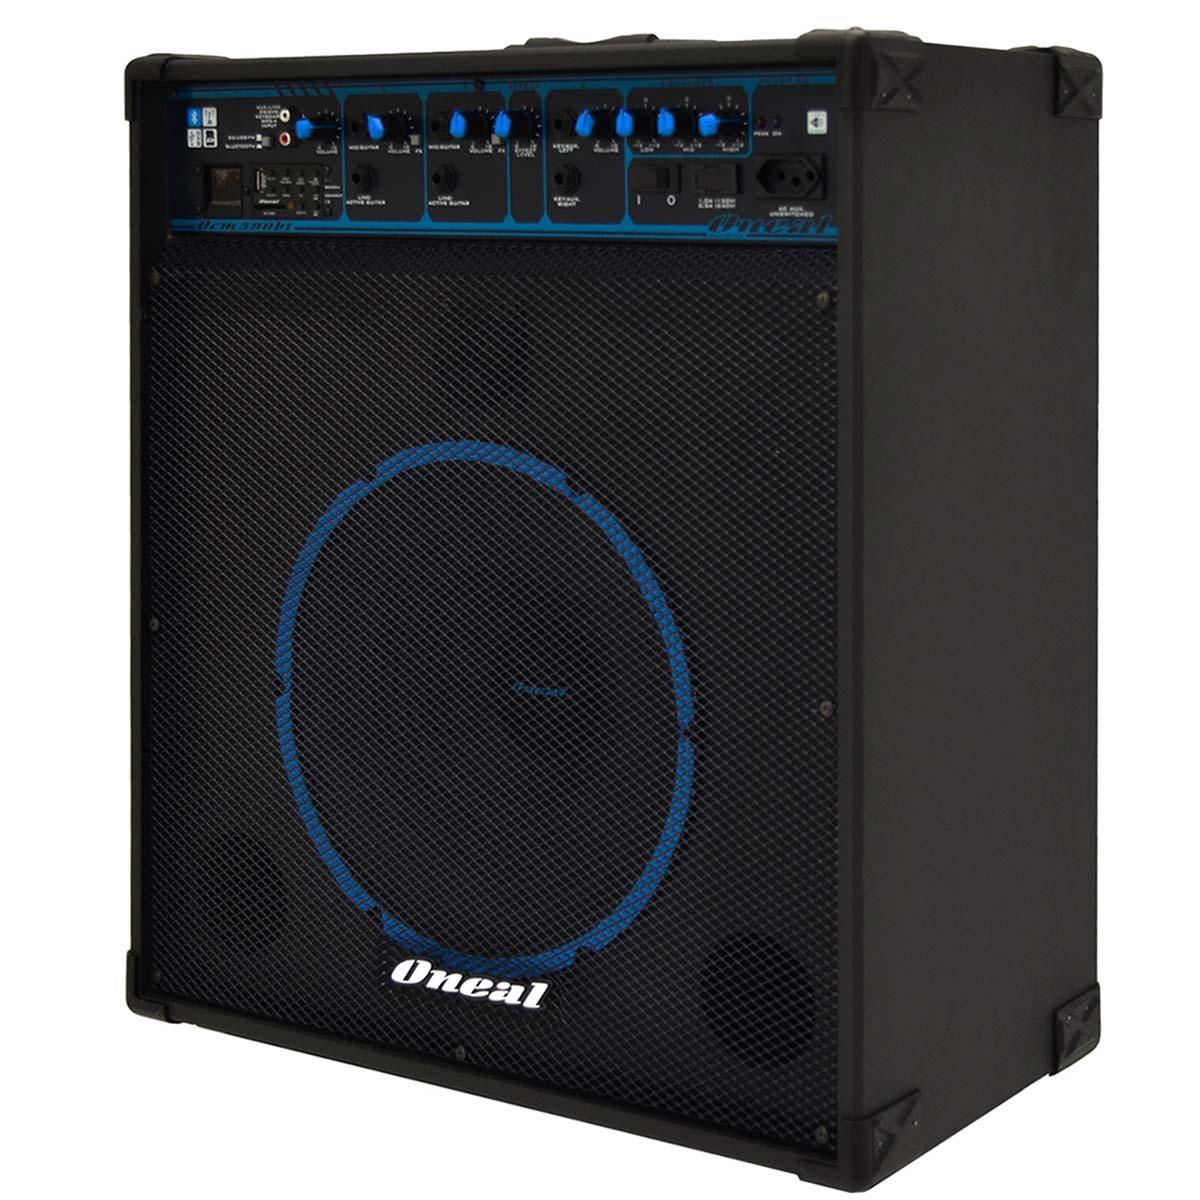 OCM590BT - Cubo Multiuso Ativo 80W c/ Bluetooth e USB OCM 590 BT - Oneal